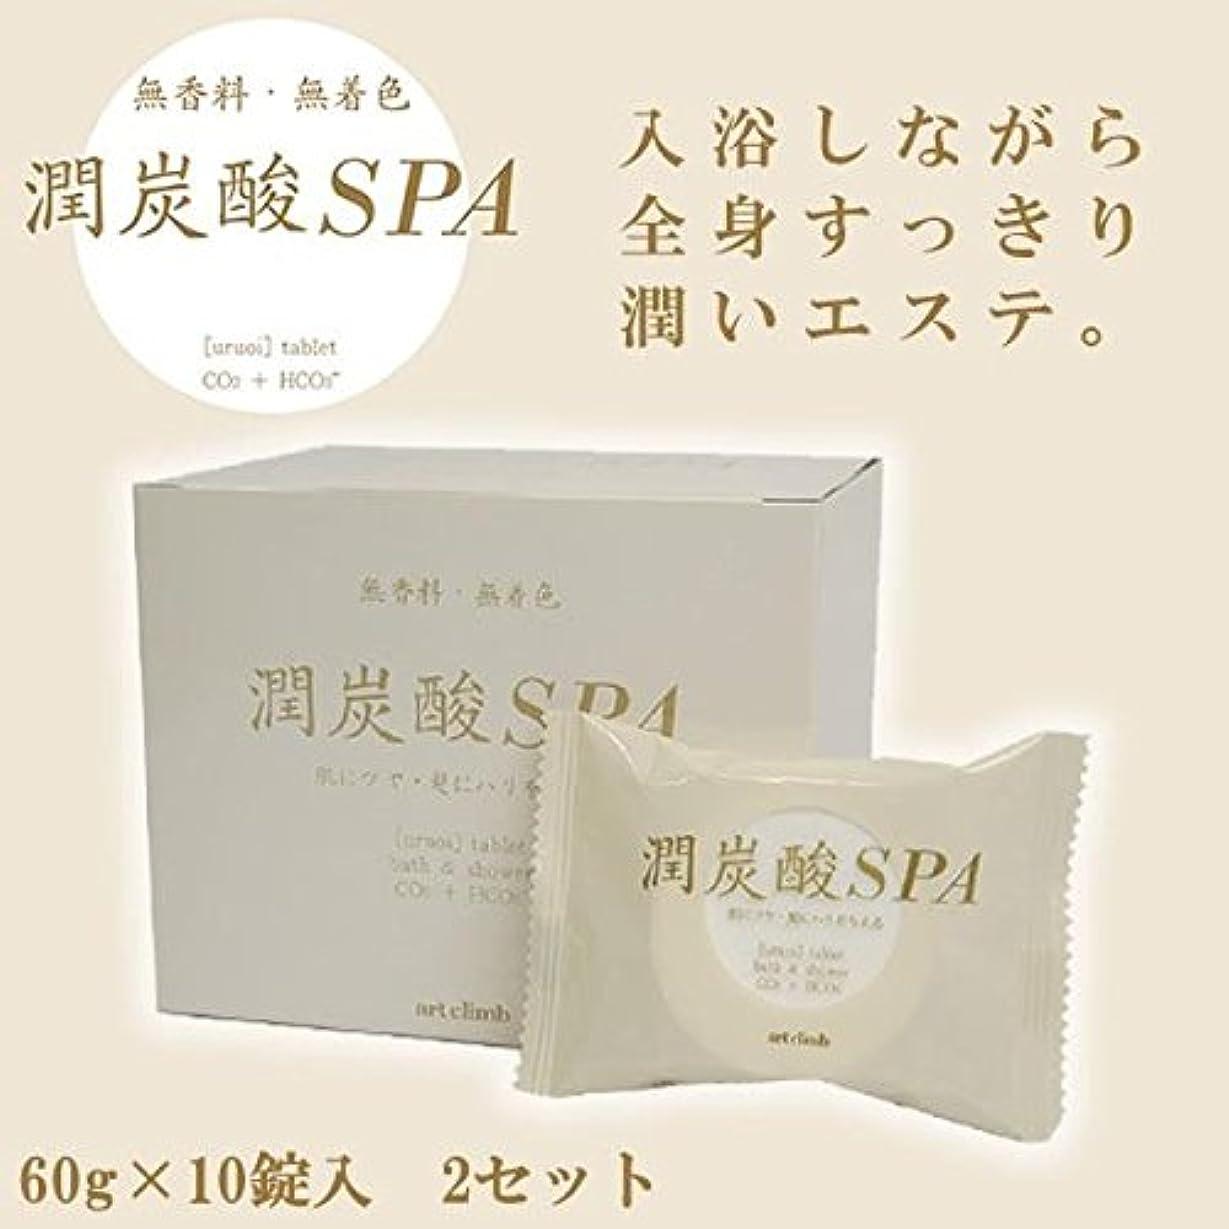 豆腐偽装する成功した潤炭酸SPA BS60g(10錠入) 2セット